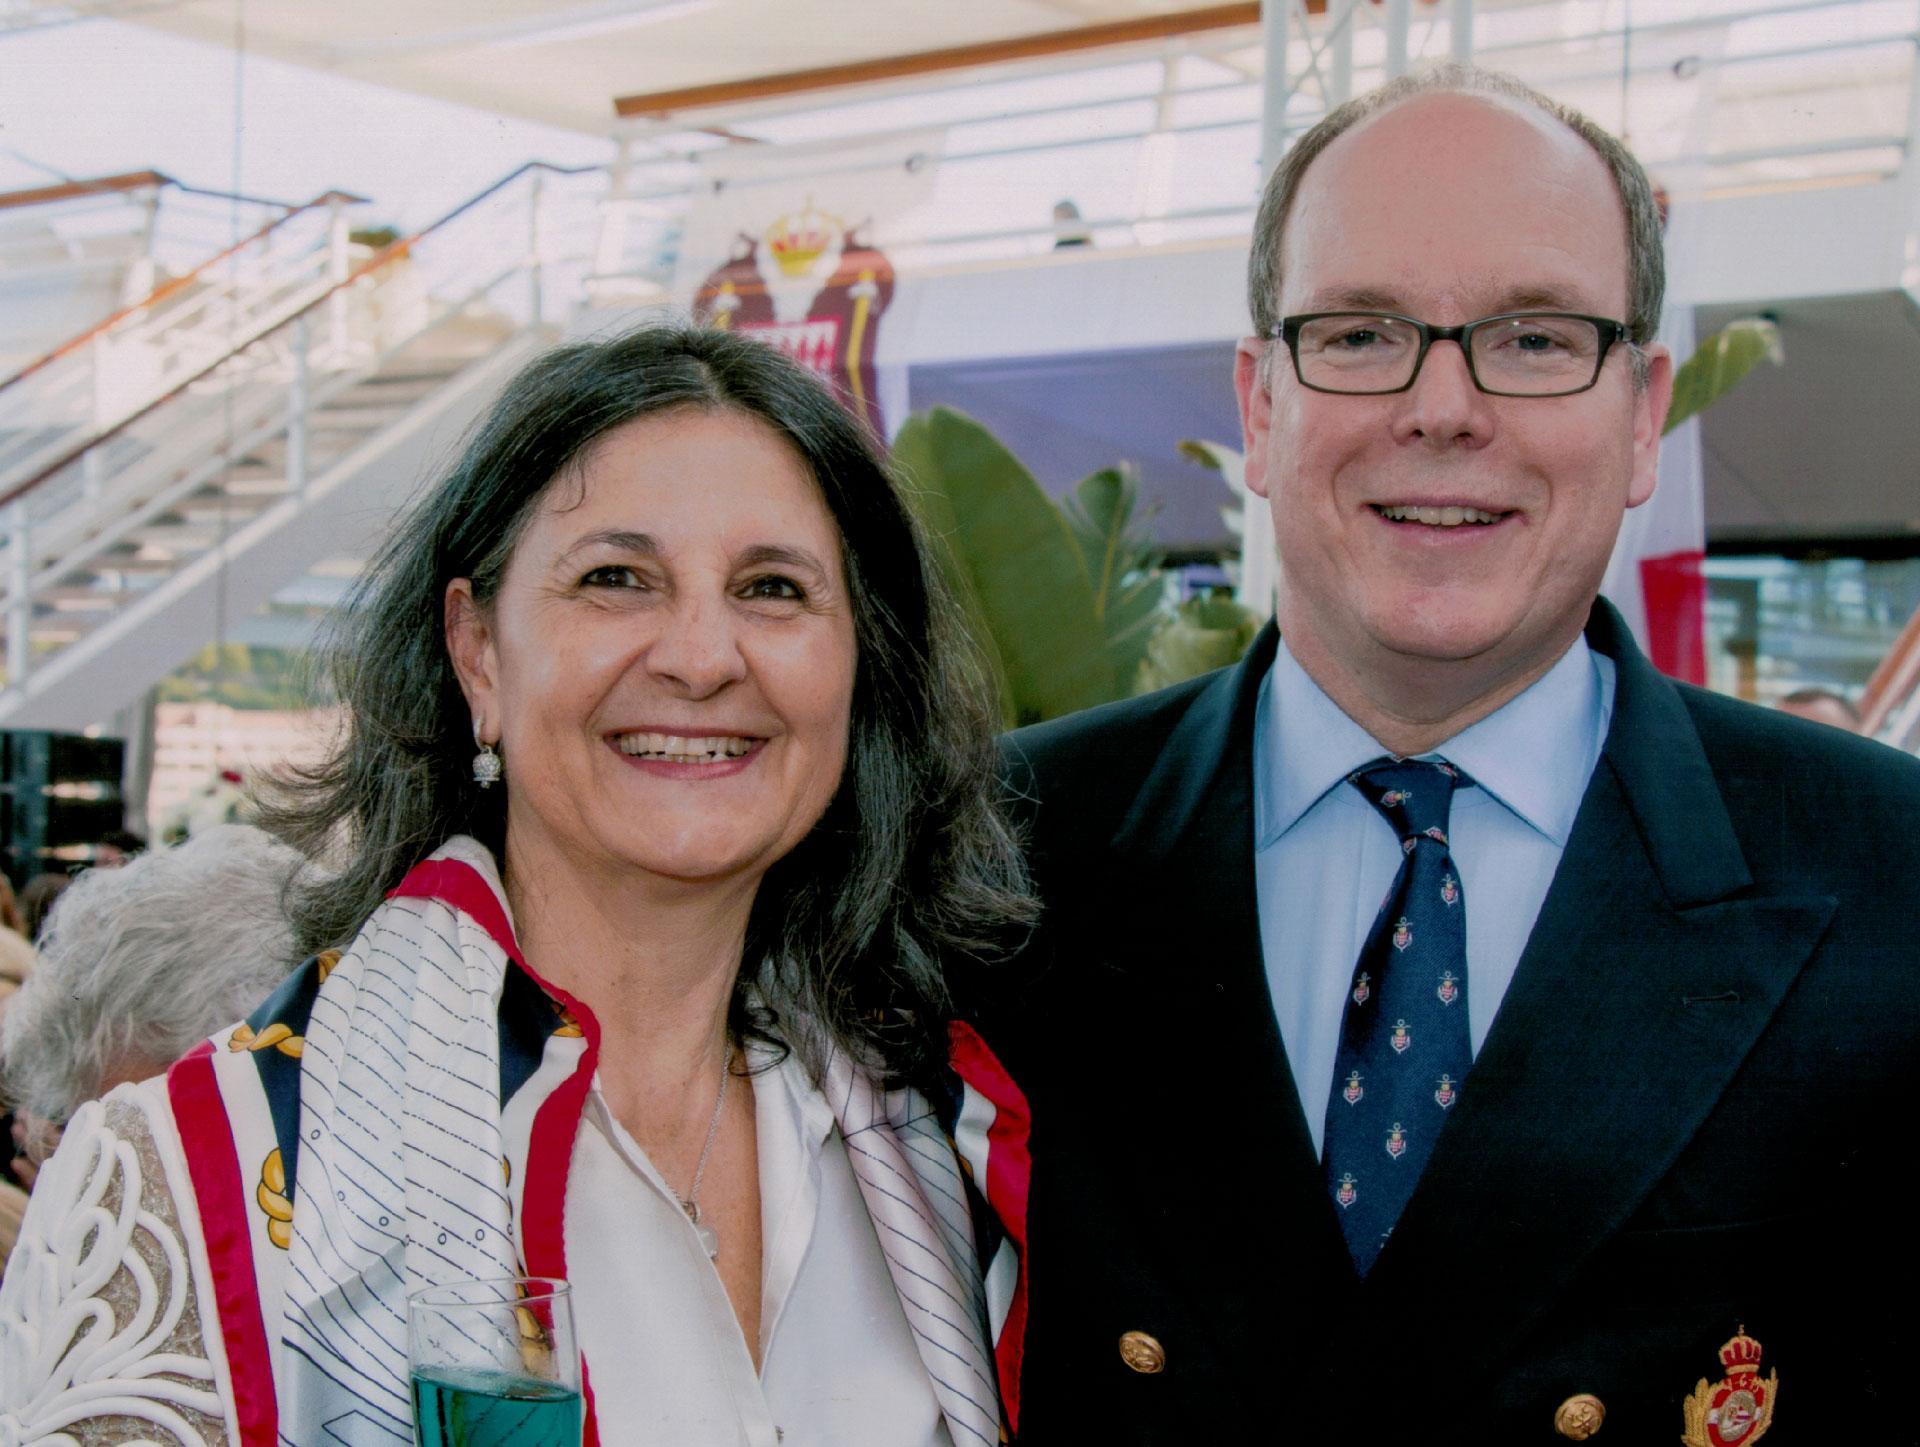 Anna Maria Benedetti con Sua Altezza Reale il Principe Alberto di Monaco